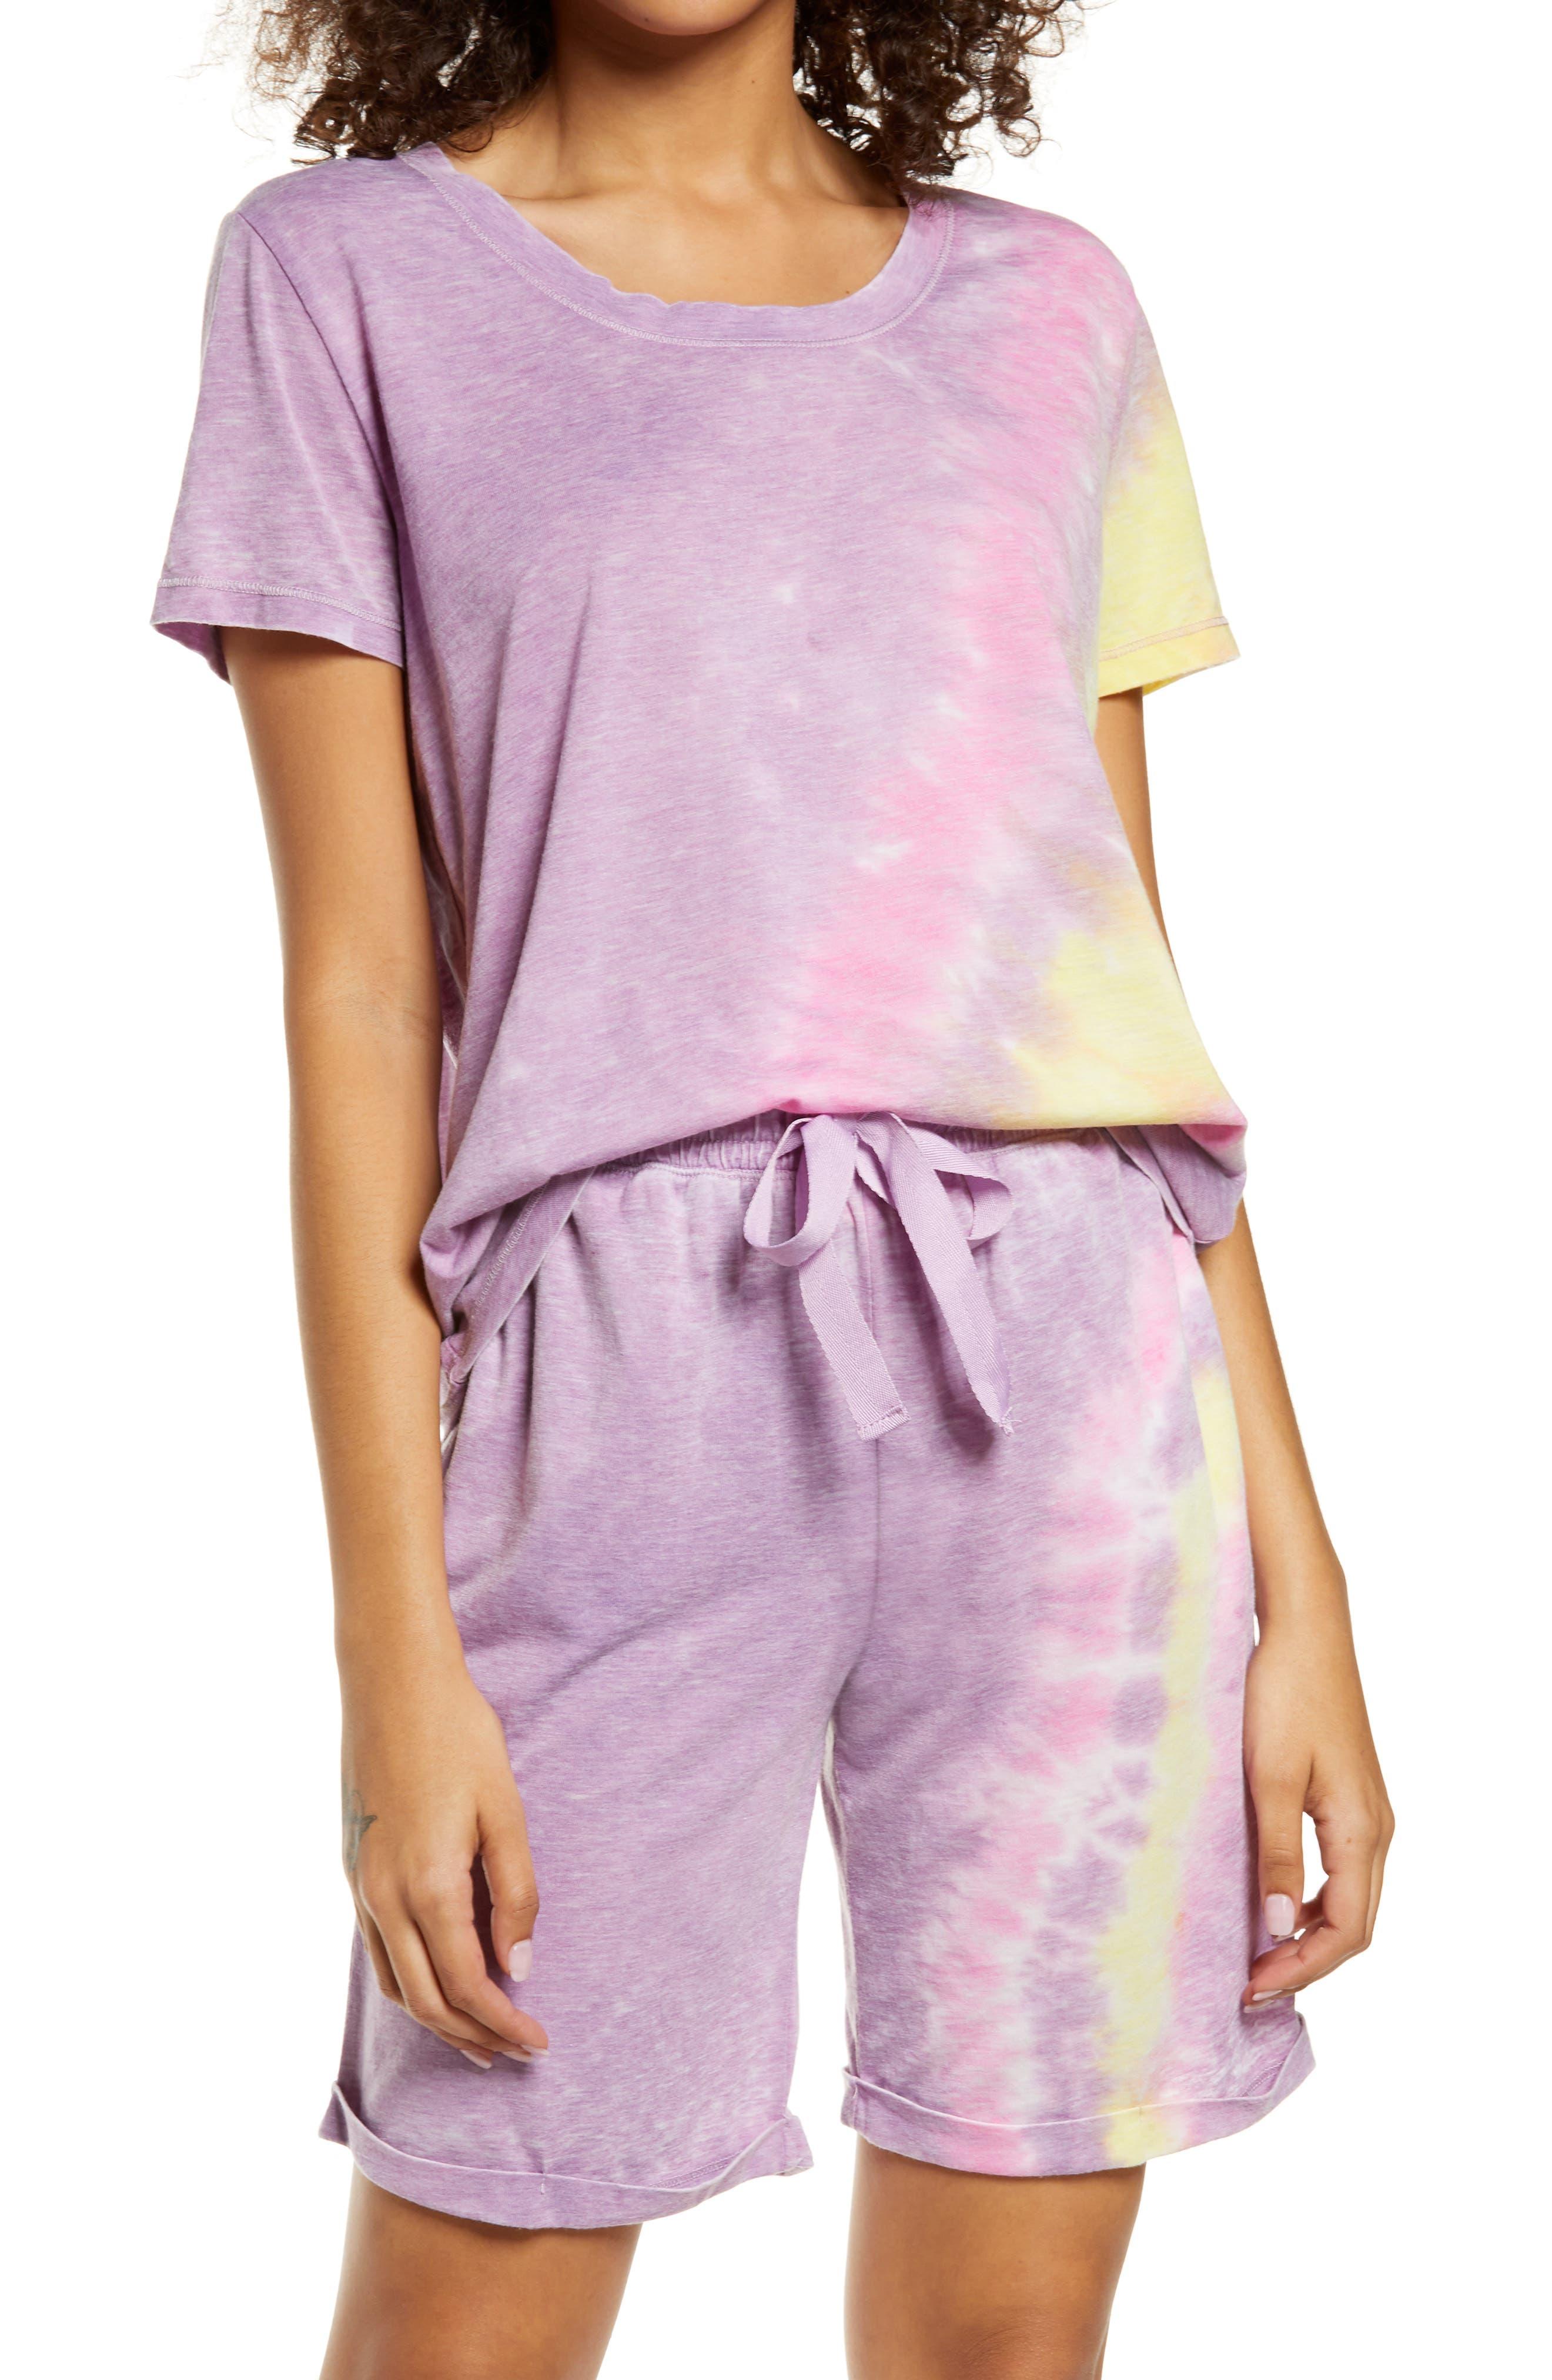 Bermuda Short Pajamas